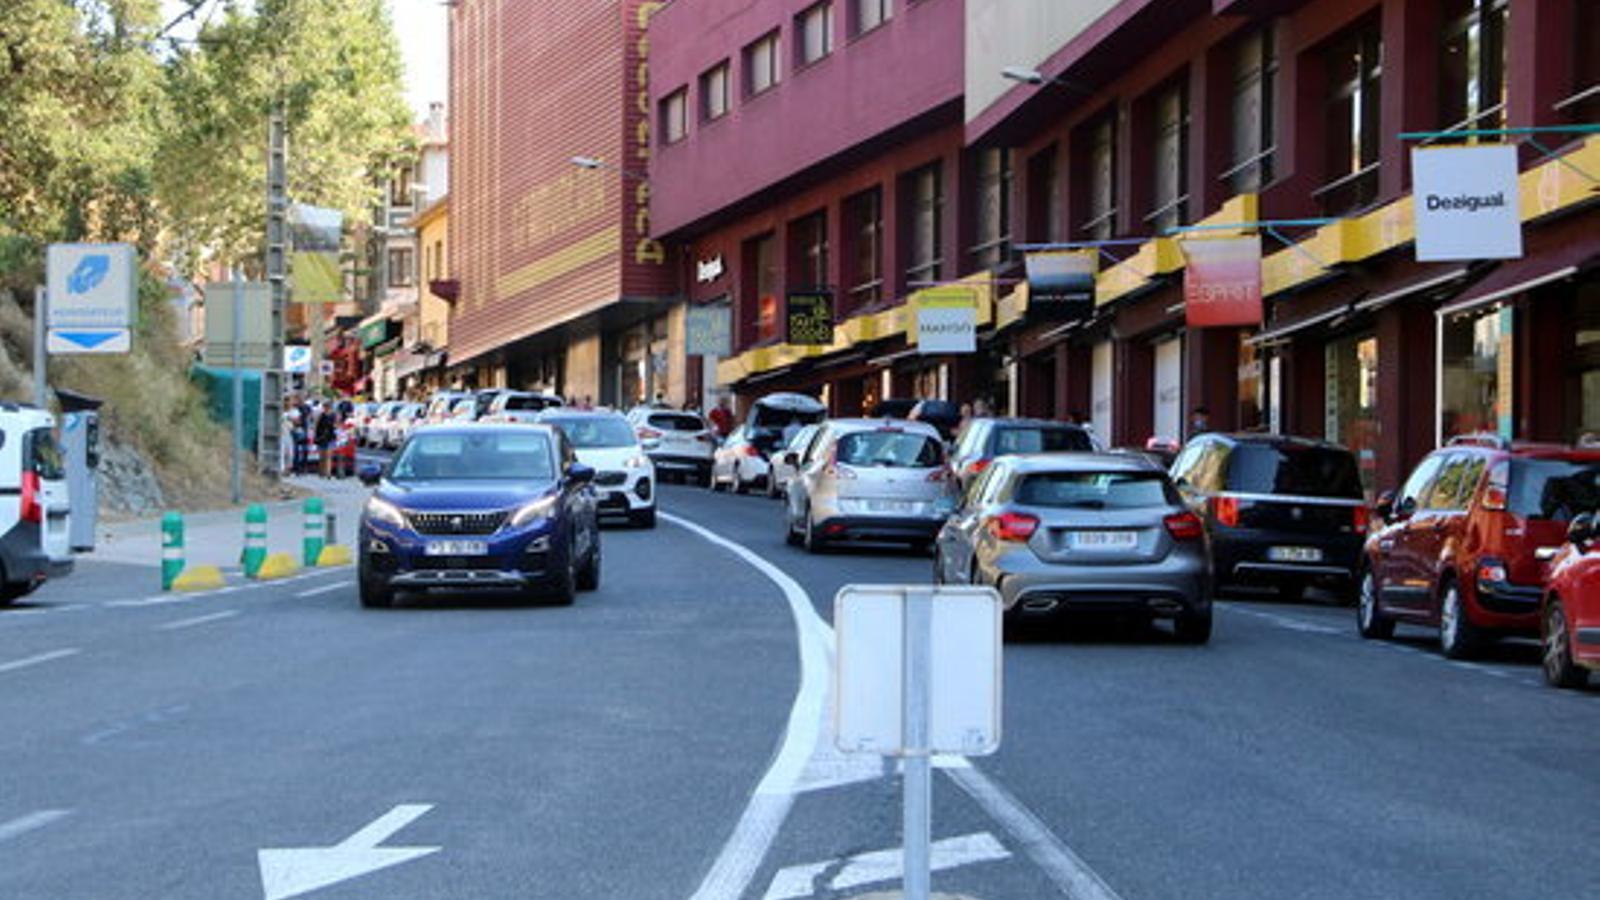 La carretera principal del Pertús, per on passaven cotxes en tots dos sentits malgrat les restriccions del primer ministre francès. / ACN